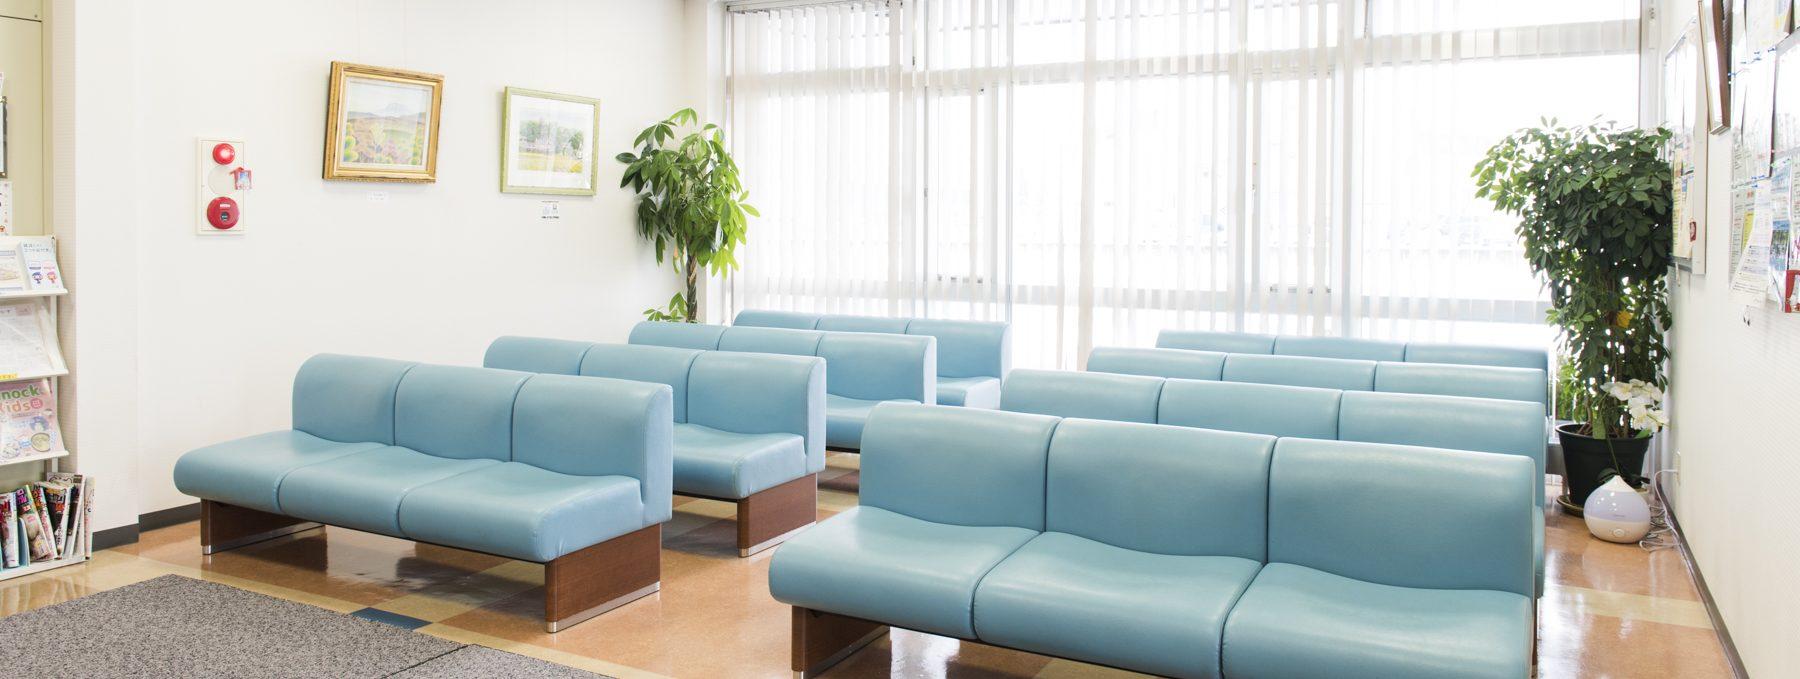 加齢黄斑変性の検査・治療|盛岡市たかはし眼科